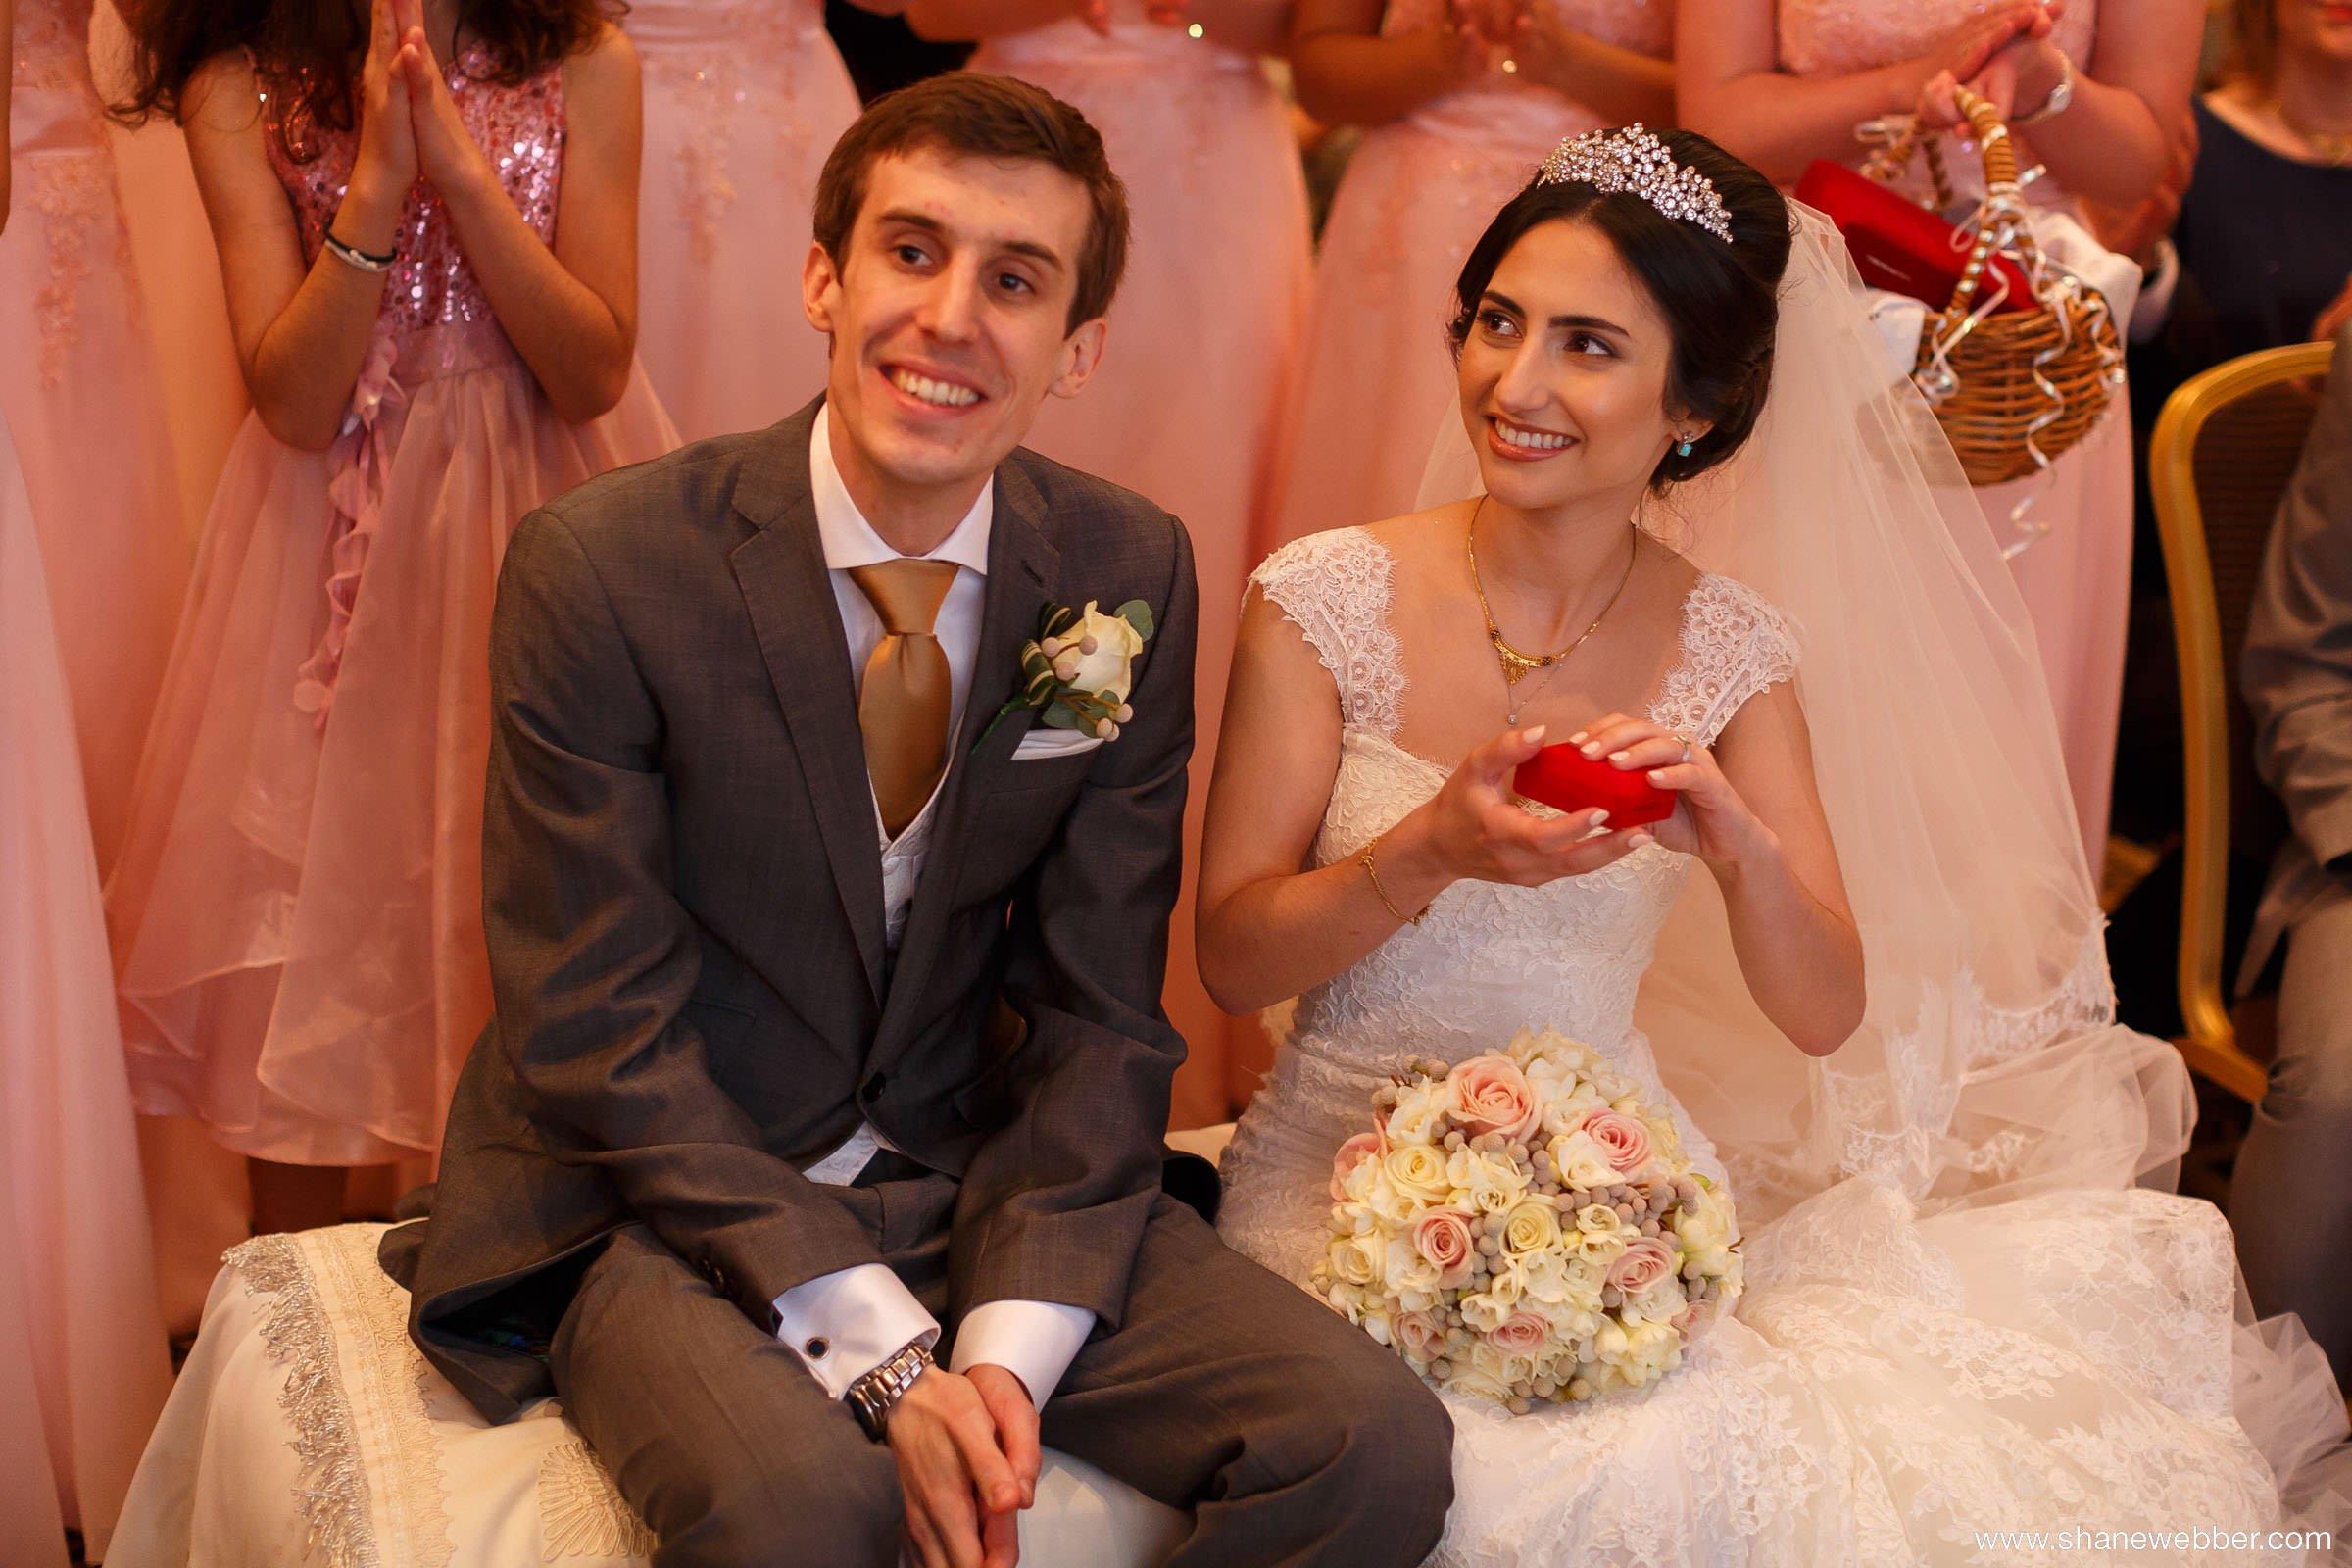 Bride receiving gift